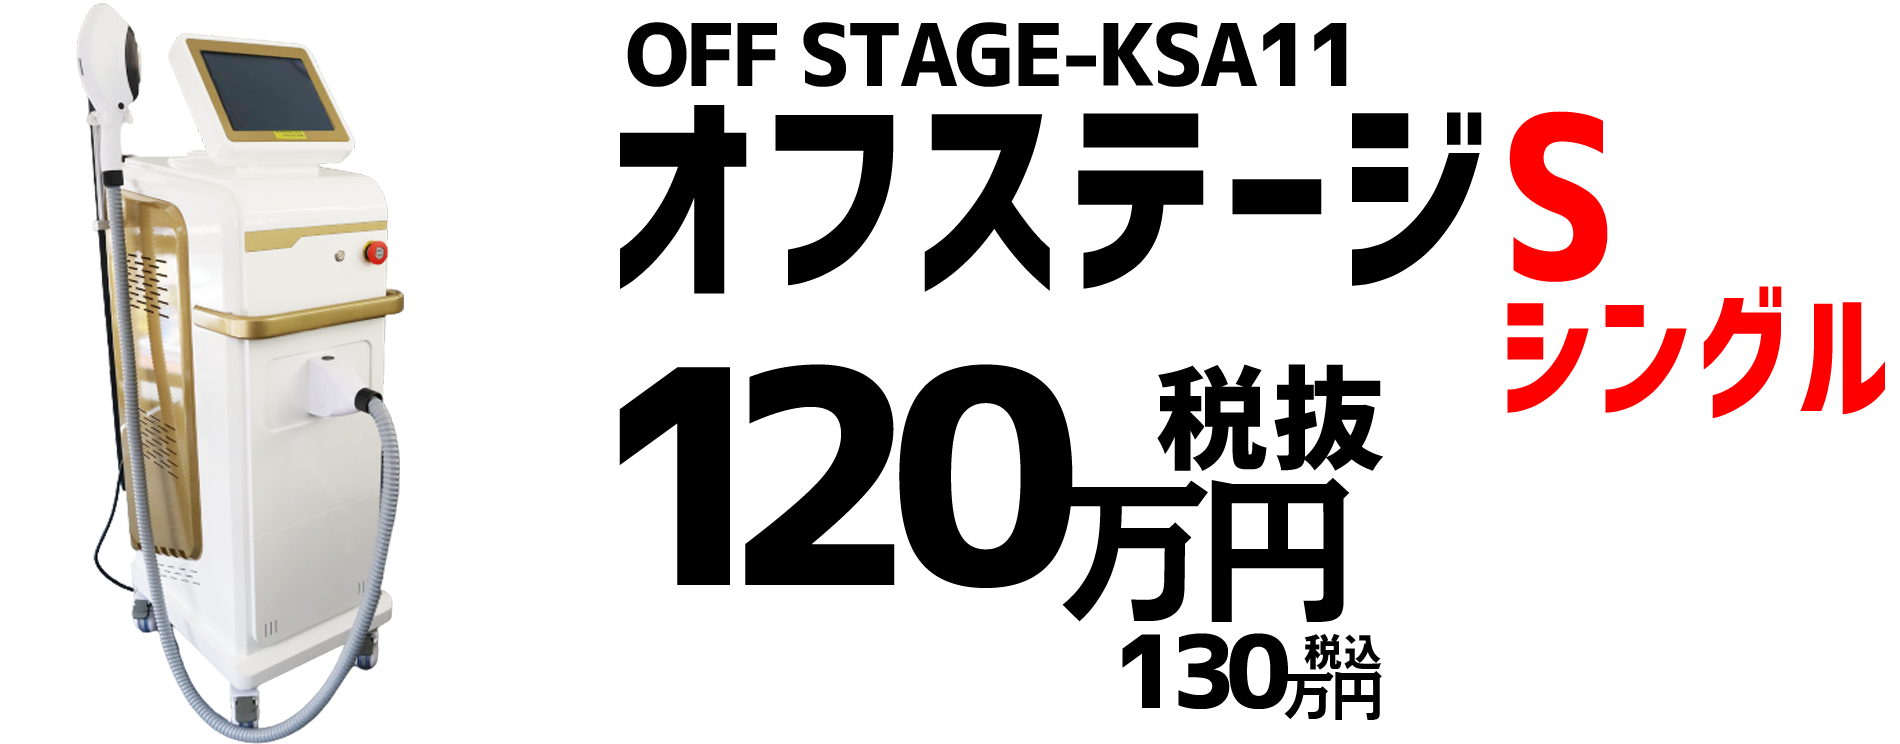 オフステセットのコピー3